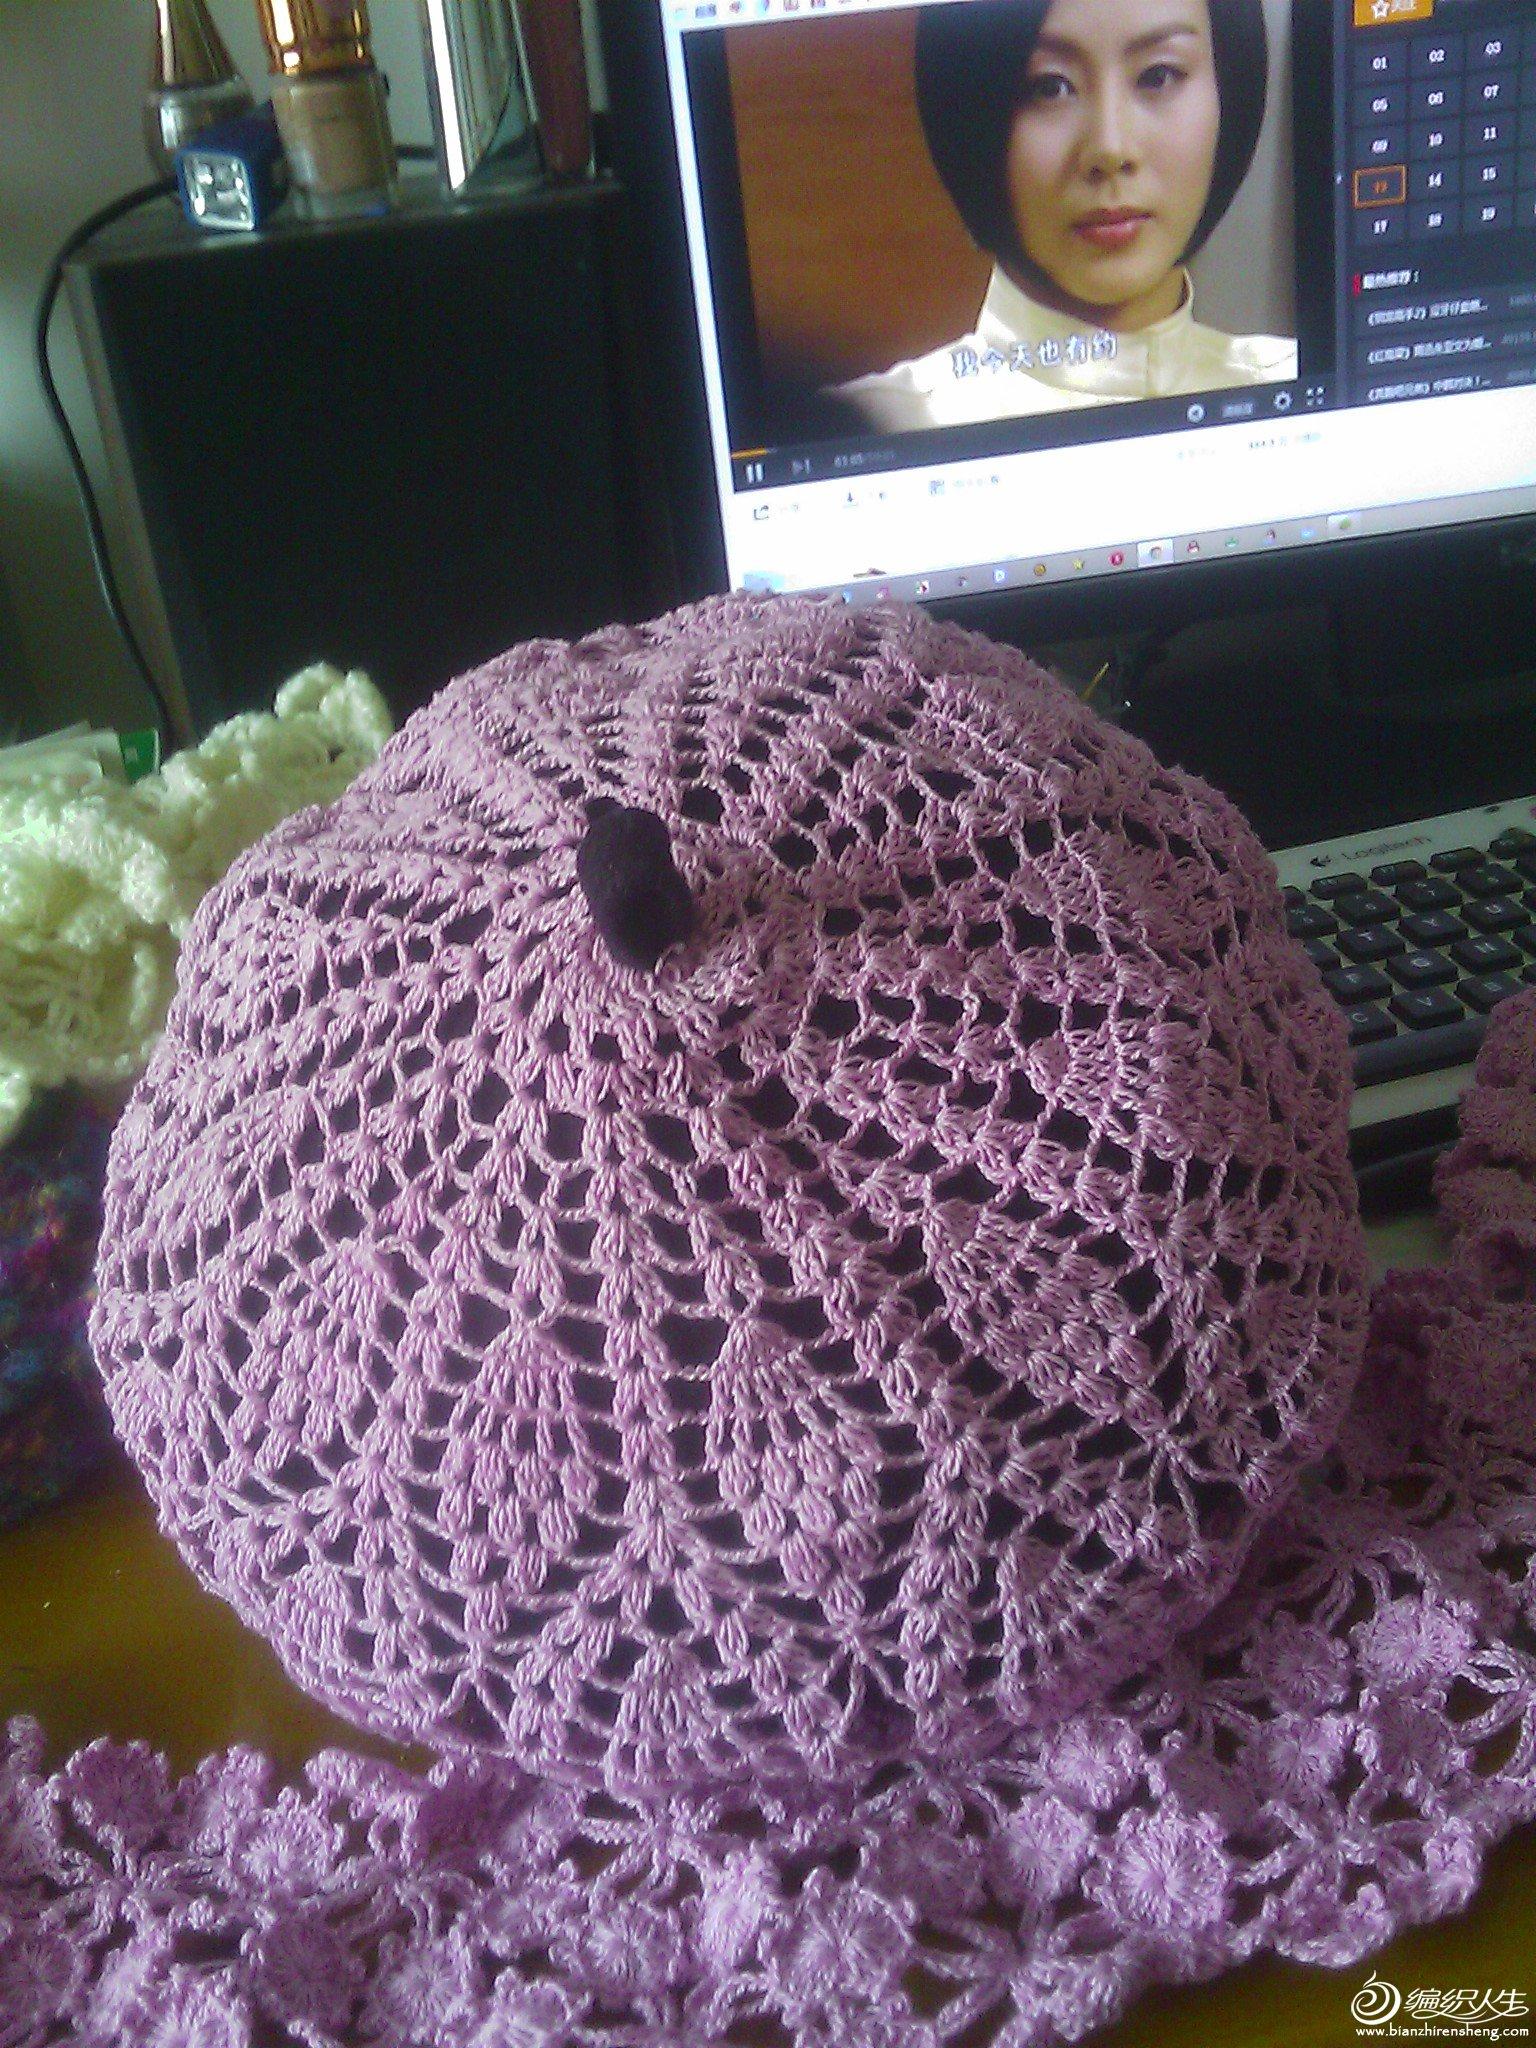 前几天收拾出一顶早年买的呢子帽子,是深紫色的,没有怎么戴,颜色太深,款式单调,找出收藏的一款图解和一些钩衣服剩下的蕾丝线开工,成品出炉了,效果出奇的好,酷似香芋菠萝面包吧,很漂亮又独特吧。走过路过的姐妹们多多指教。